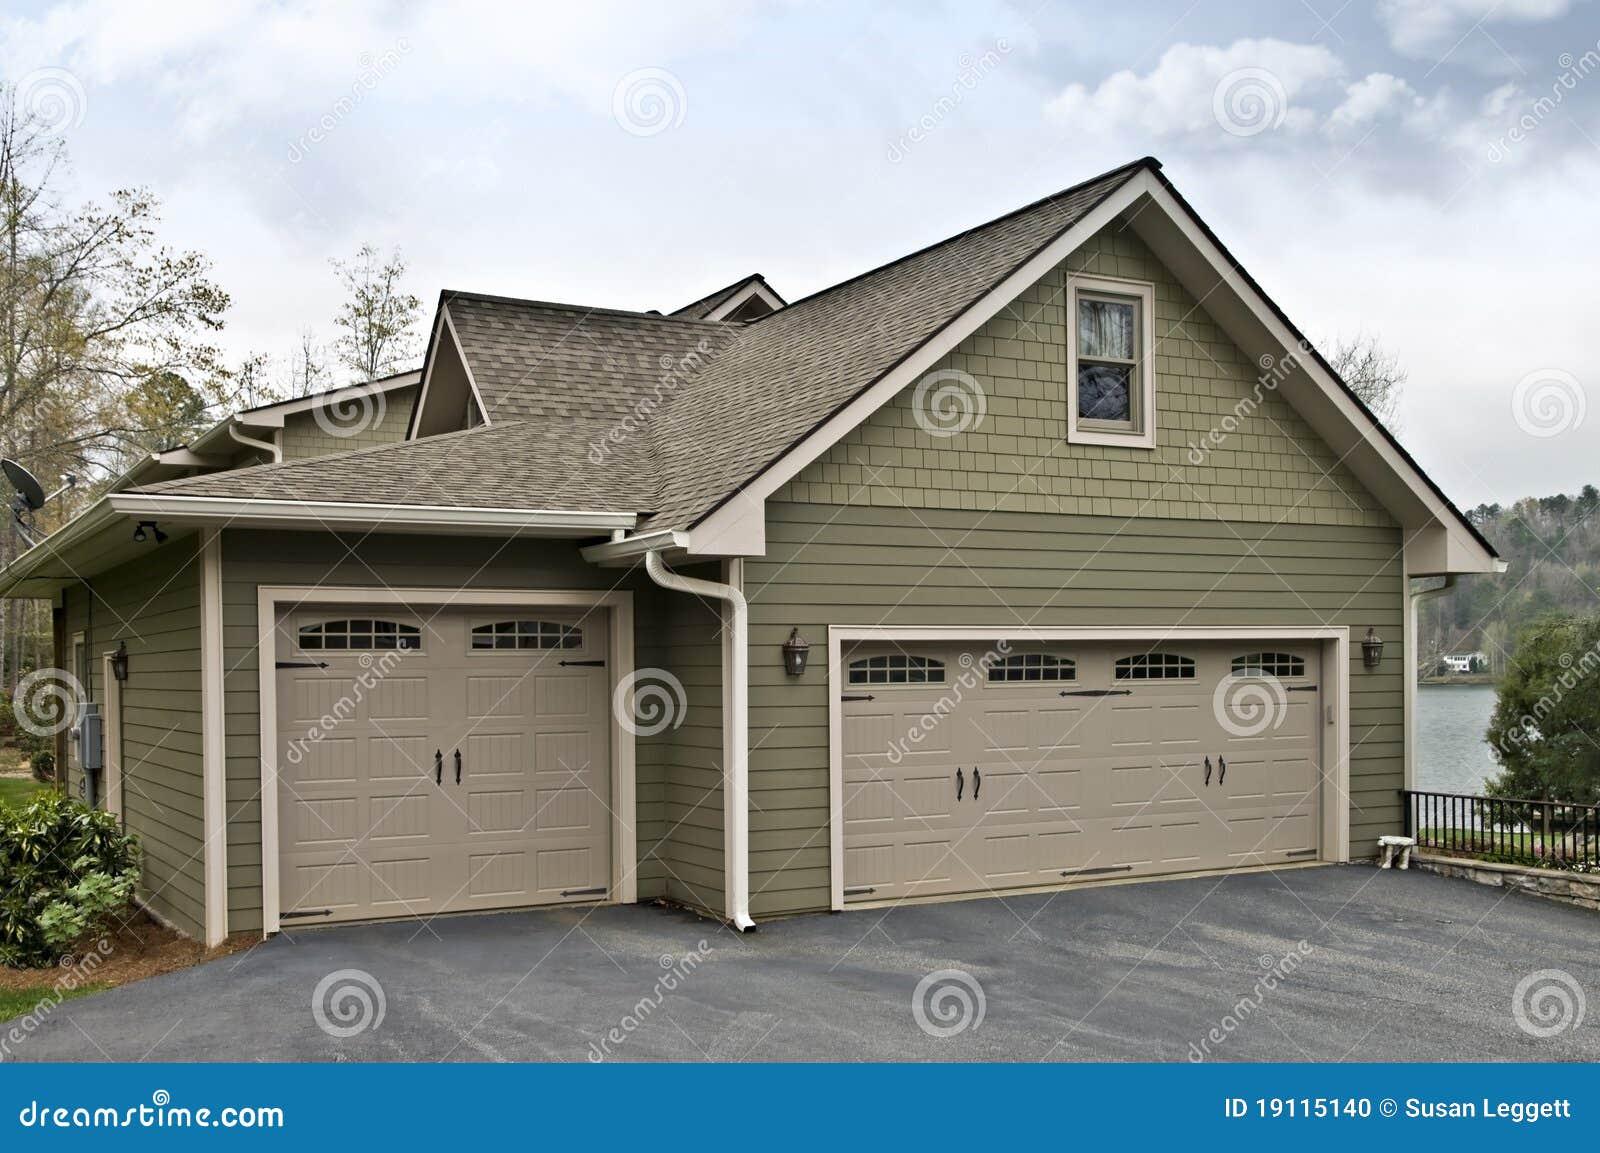 Garage Doors on House